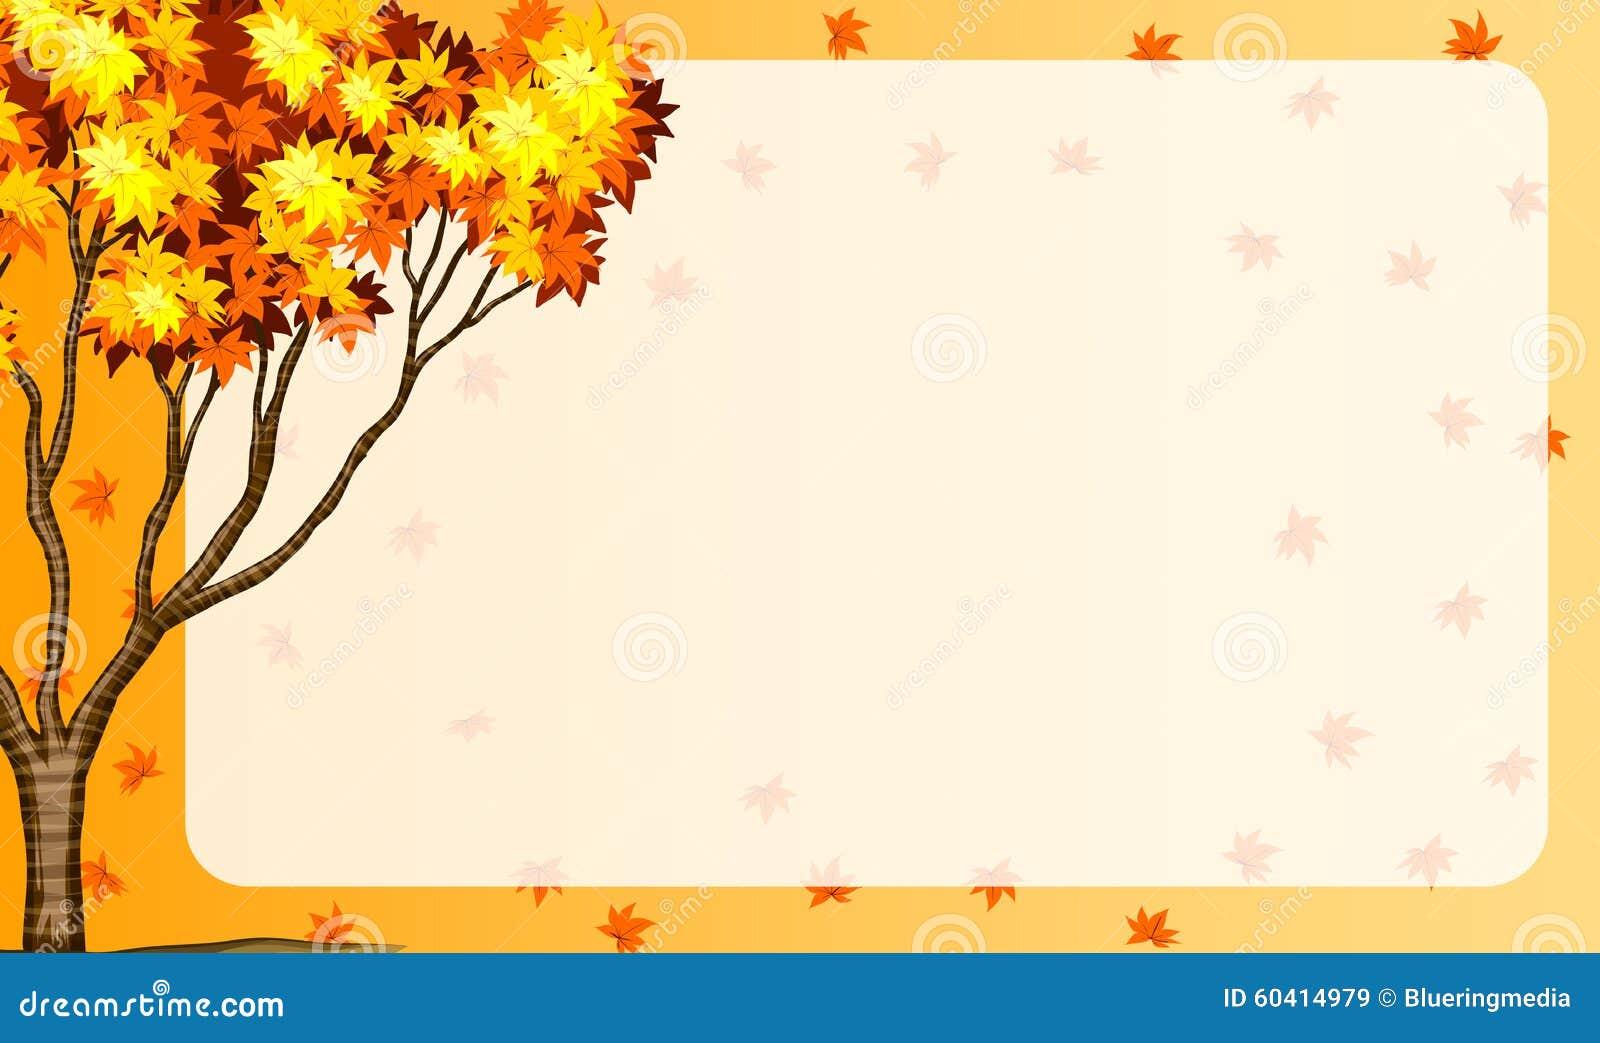 ppt 背景 背景图片 边框 模板 设计 相框 1300_864图片